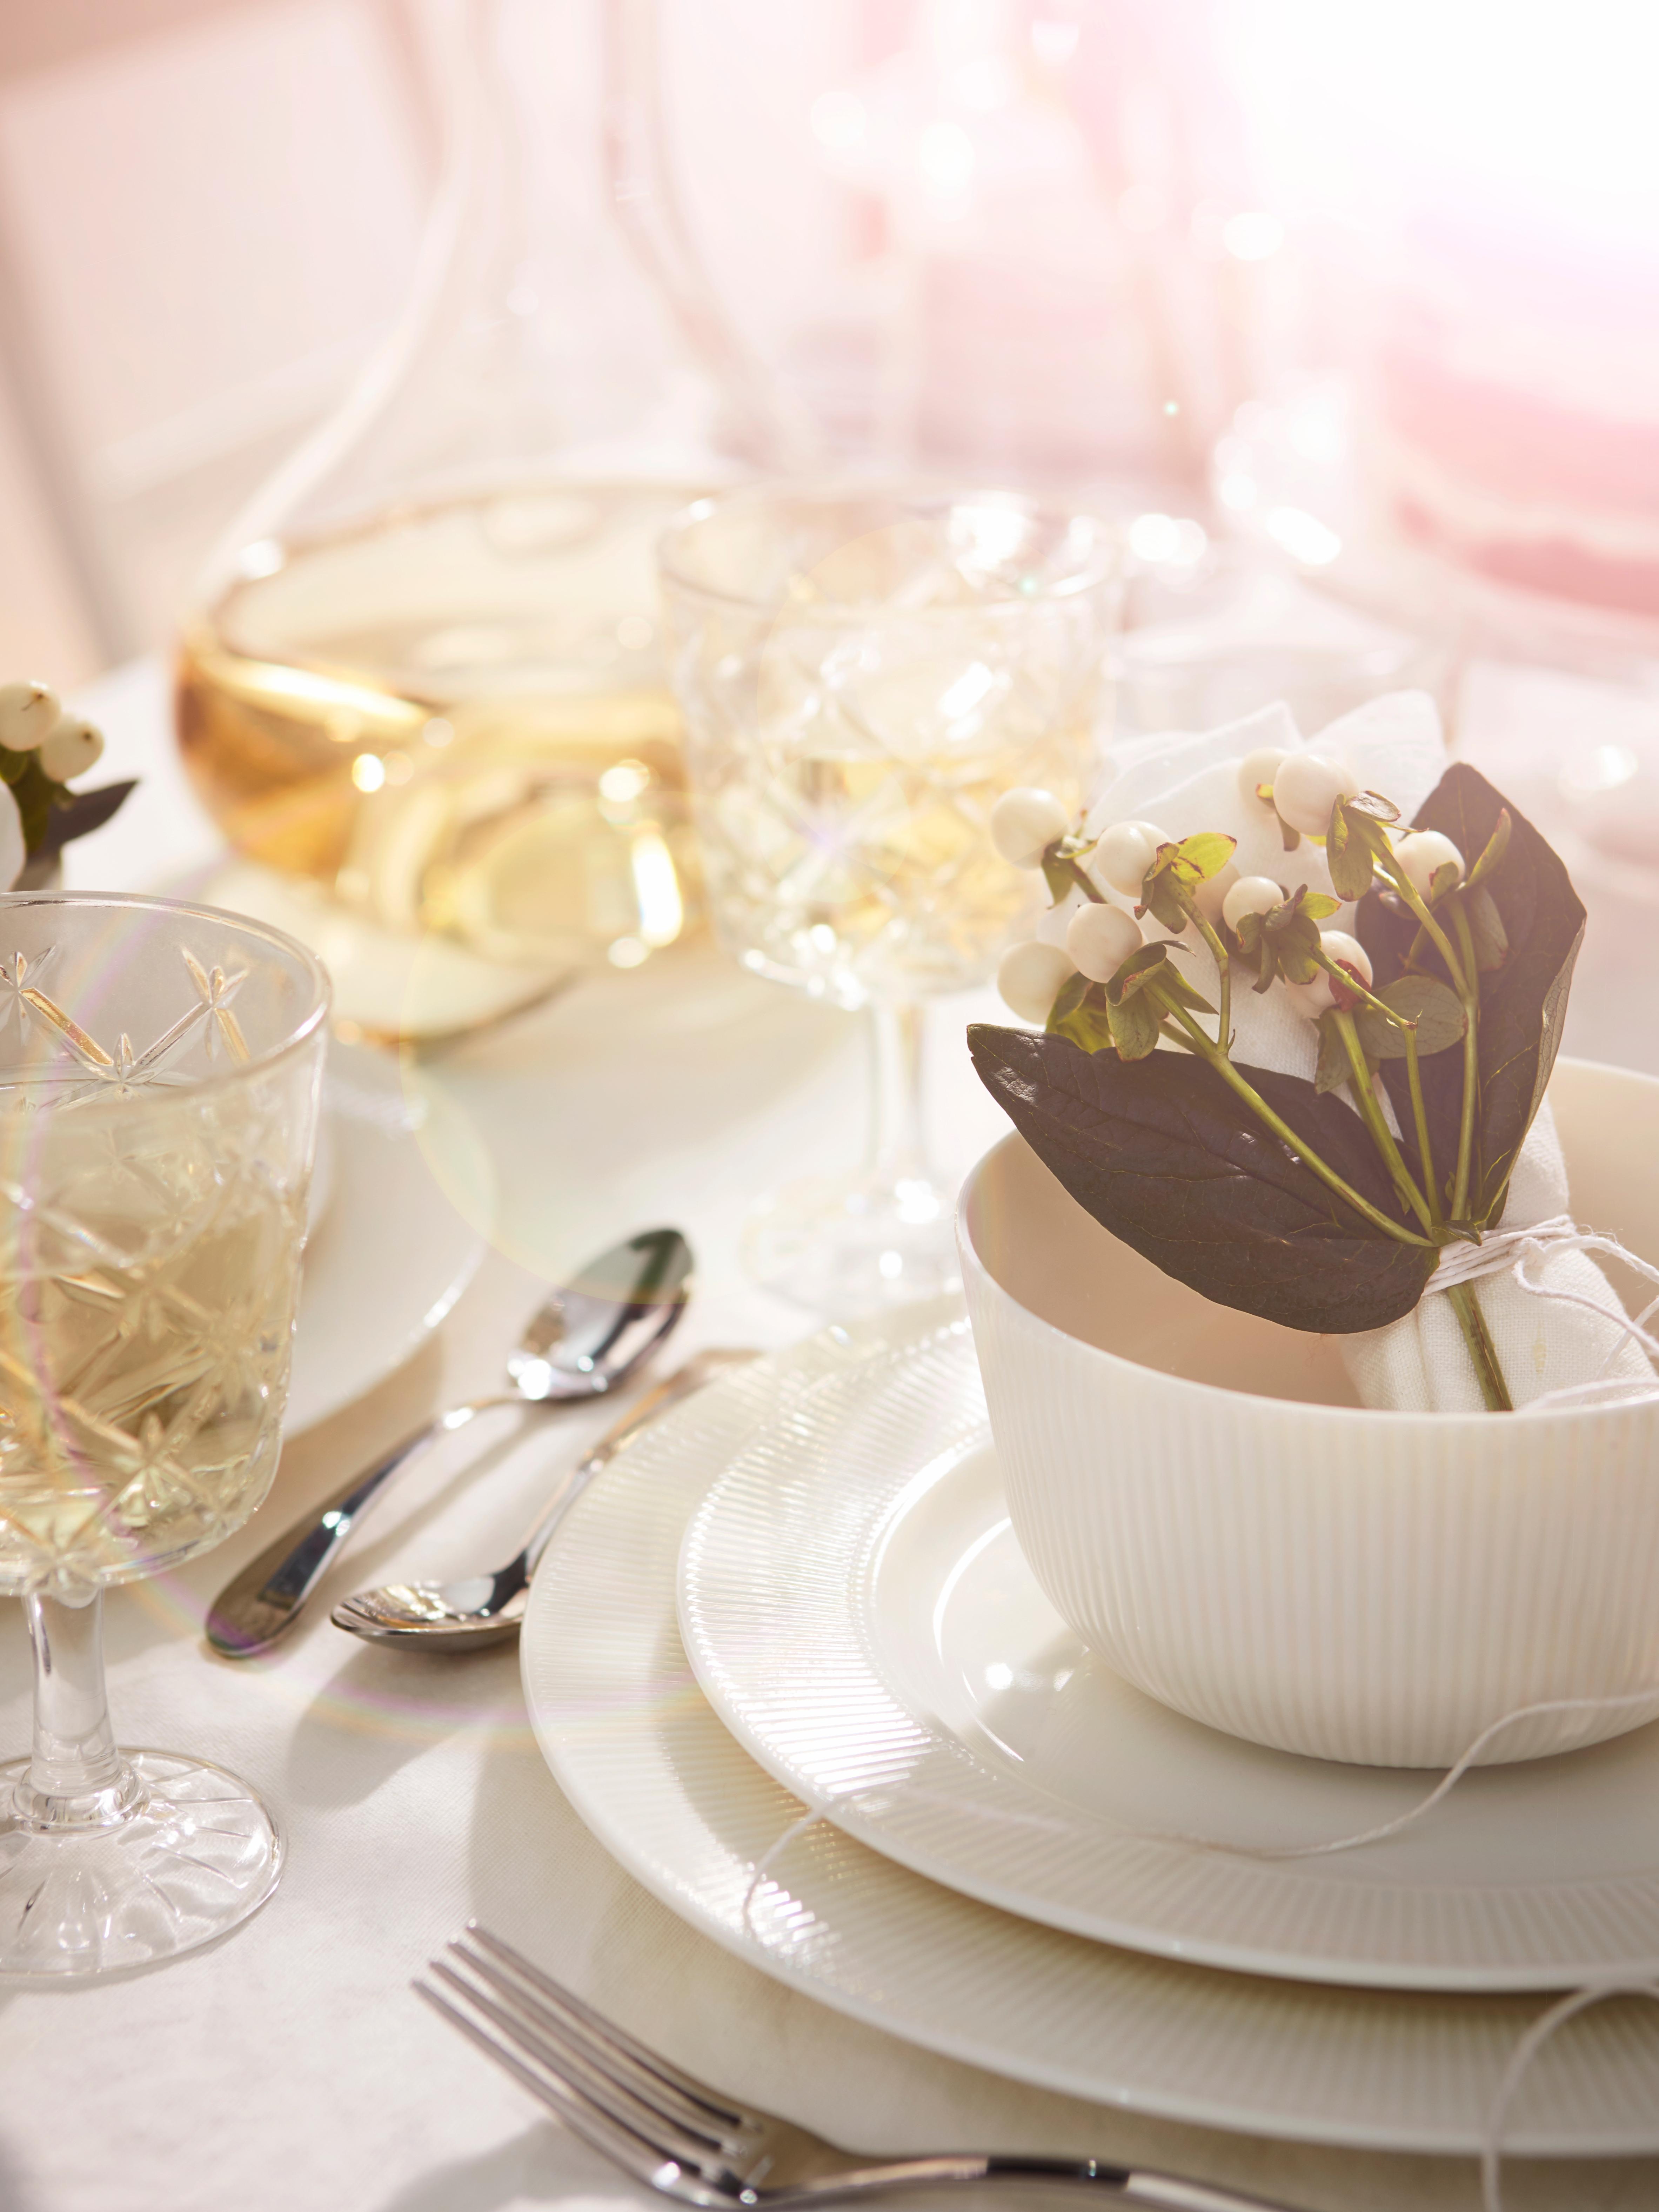 Bol OFANTLIGT blanc sur une table ensoleillée, préparée pour un repas avec une assiette standard et une petite assiette blanches et un verre transparent à motifs.